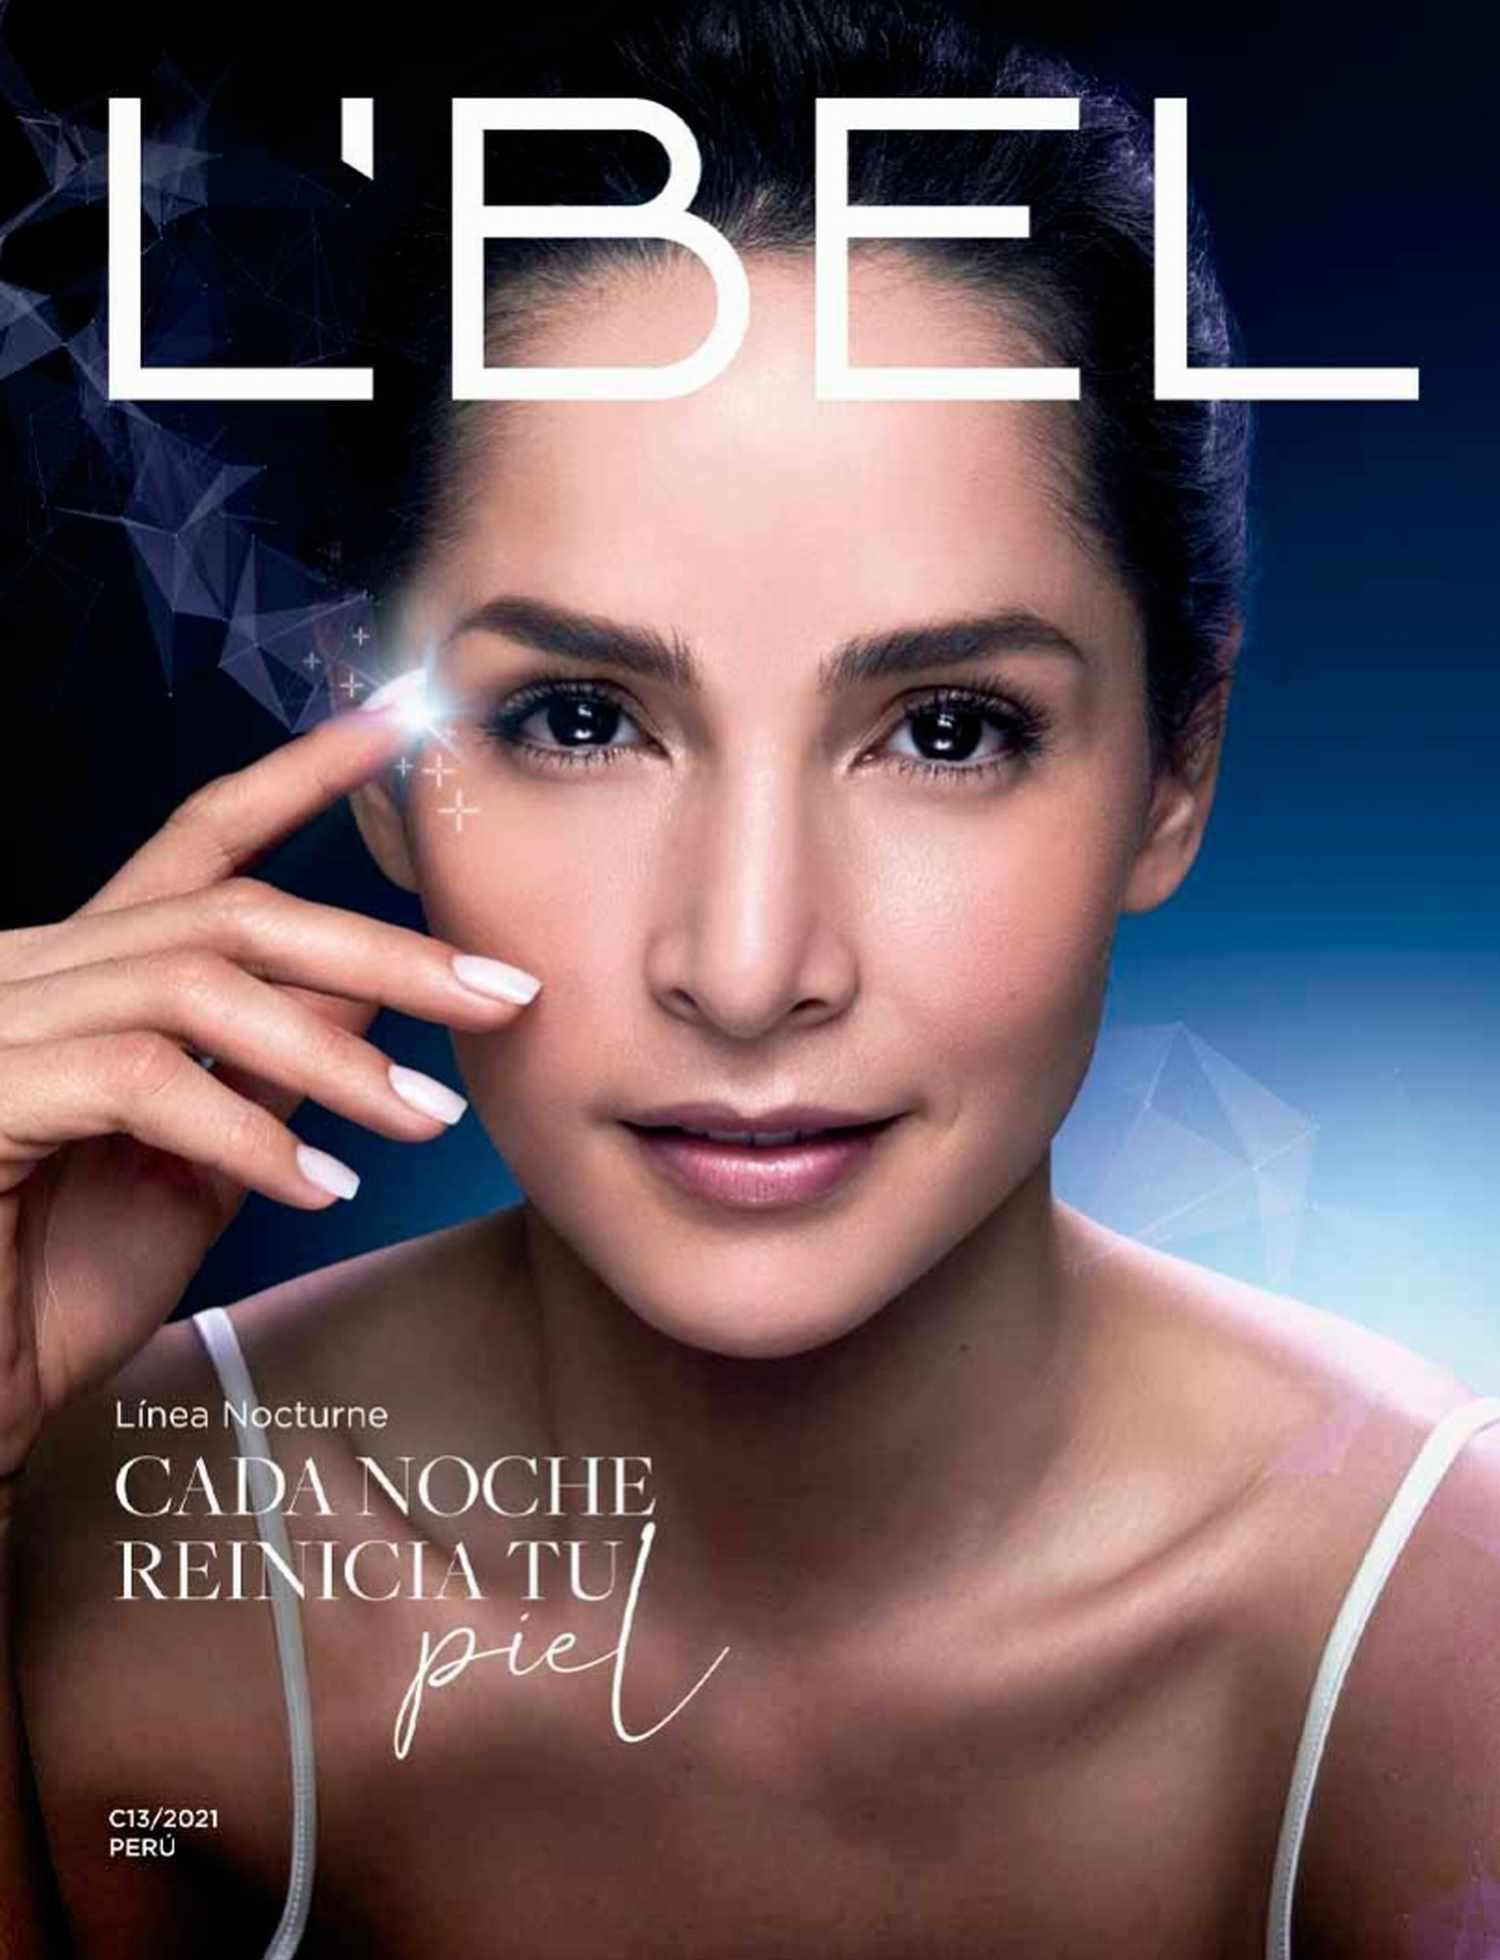 Catálogo L'Bel Campaña 13 2021 Perú